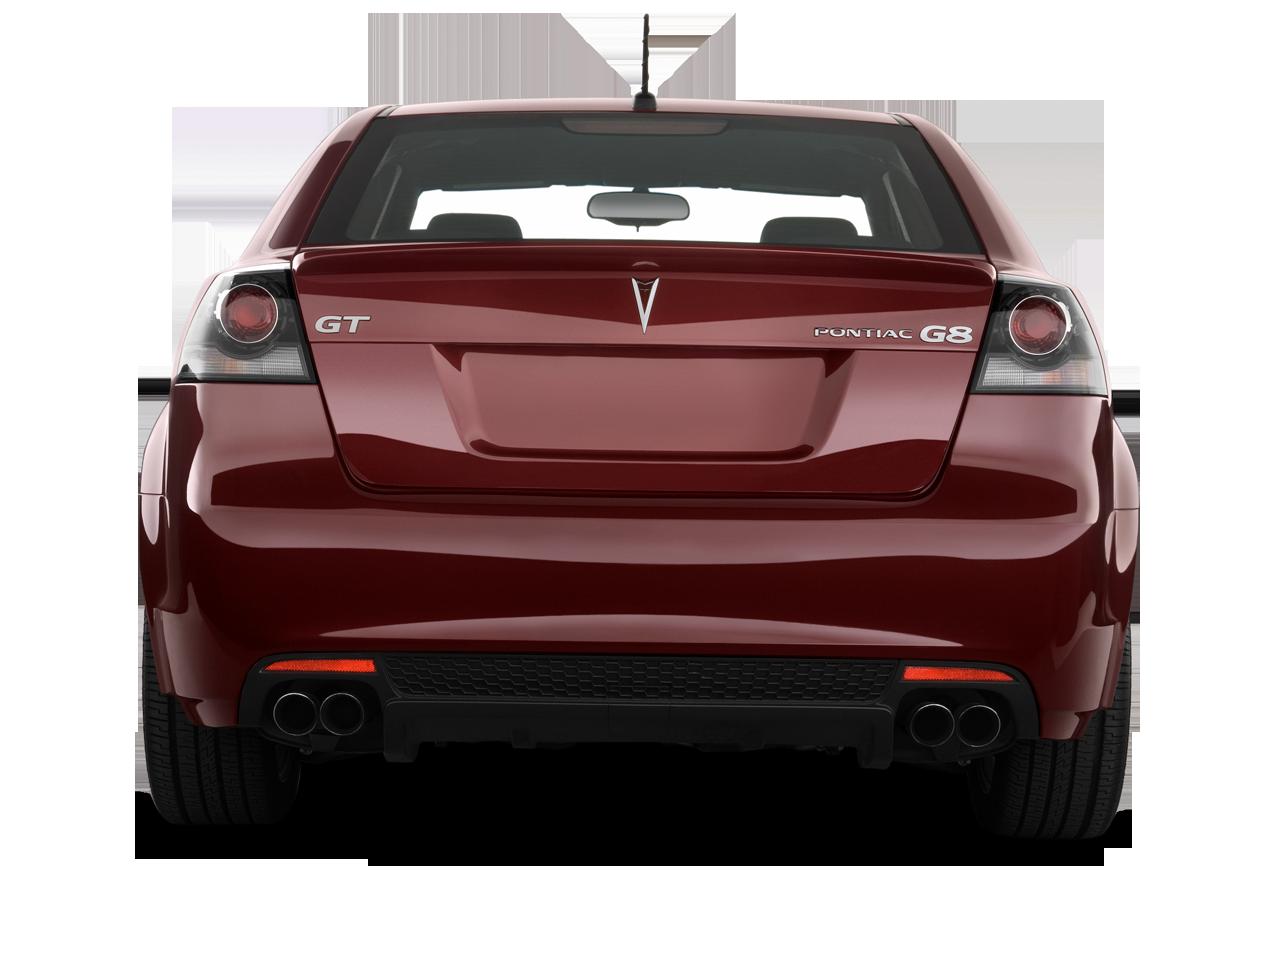 2009 pontiac g8 v 6 pontiac sport sedan review. Black Bedroom Furniture Sets. Home Design Ideas